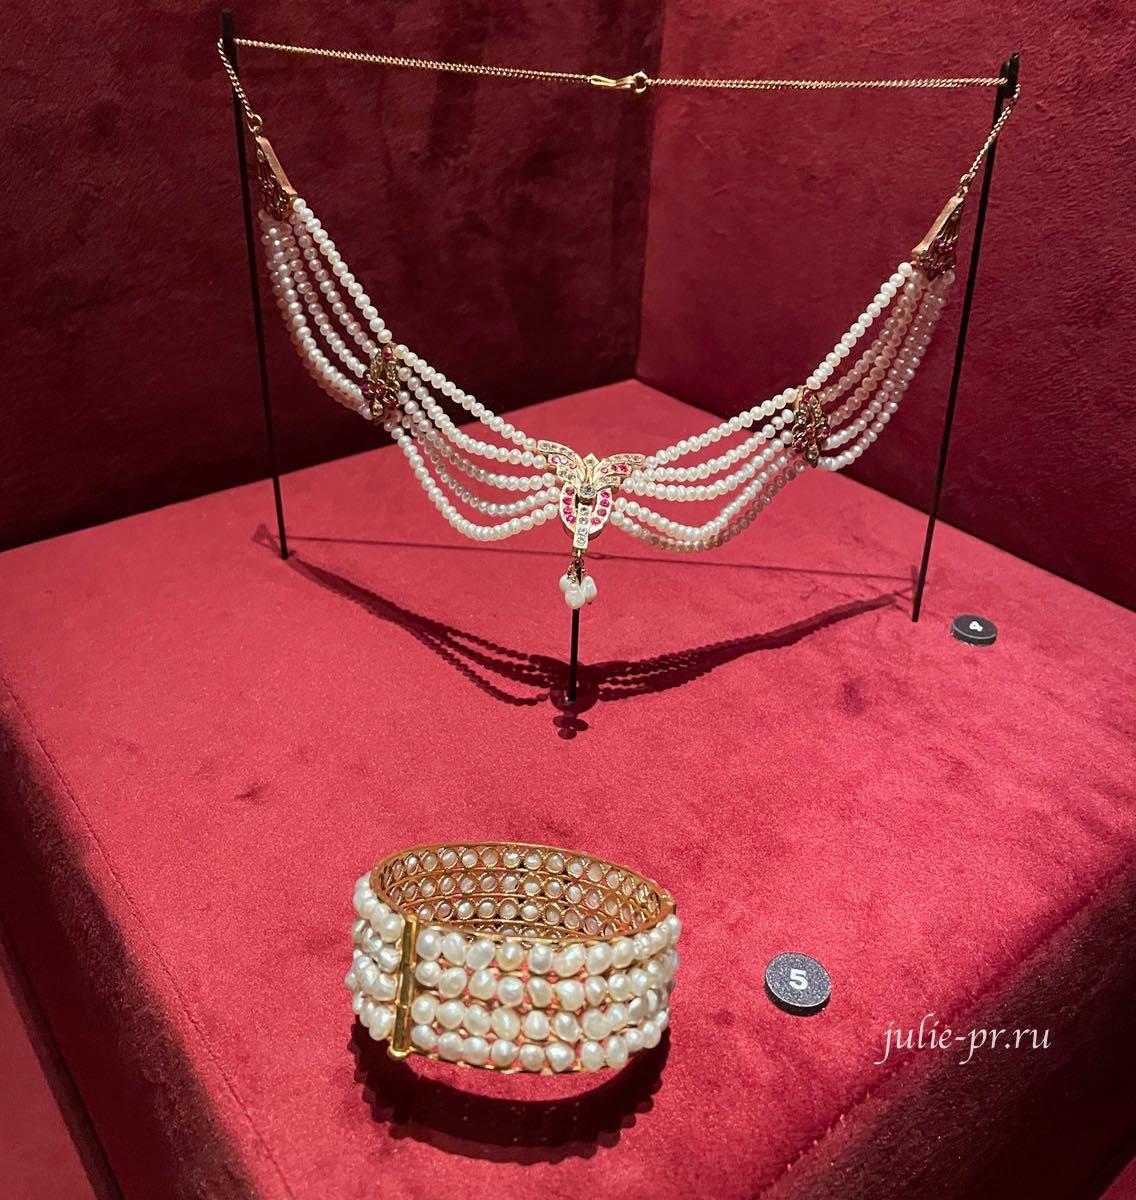 Российский этнографический музей, Санкт-Петербург, Выставка Катар между морем и пустыней. Искусство и наследие